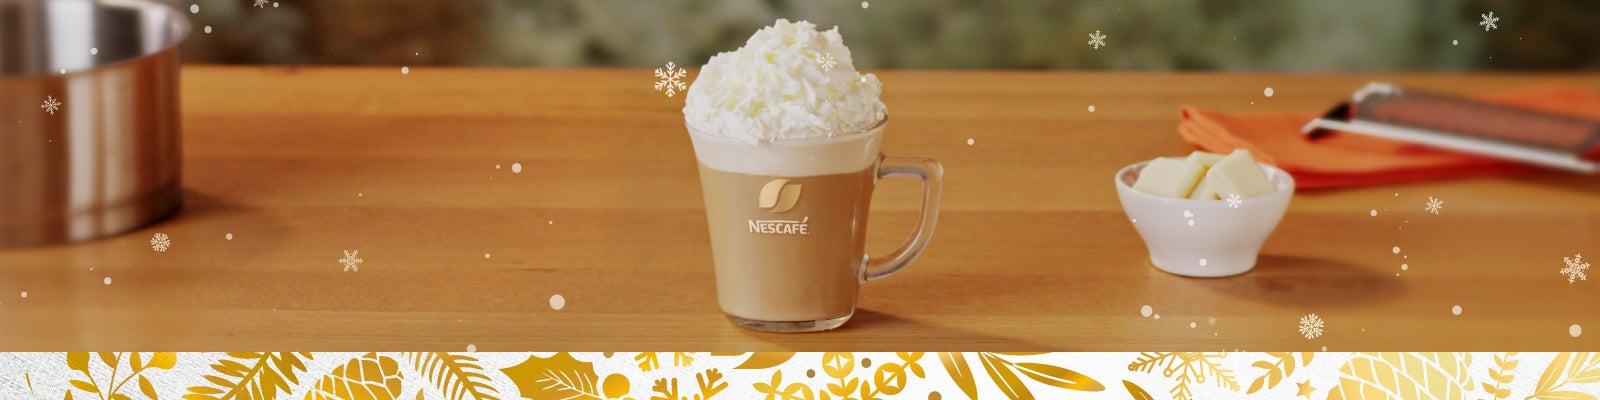 Festive-White-Choclate-Mocha